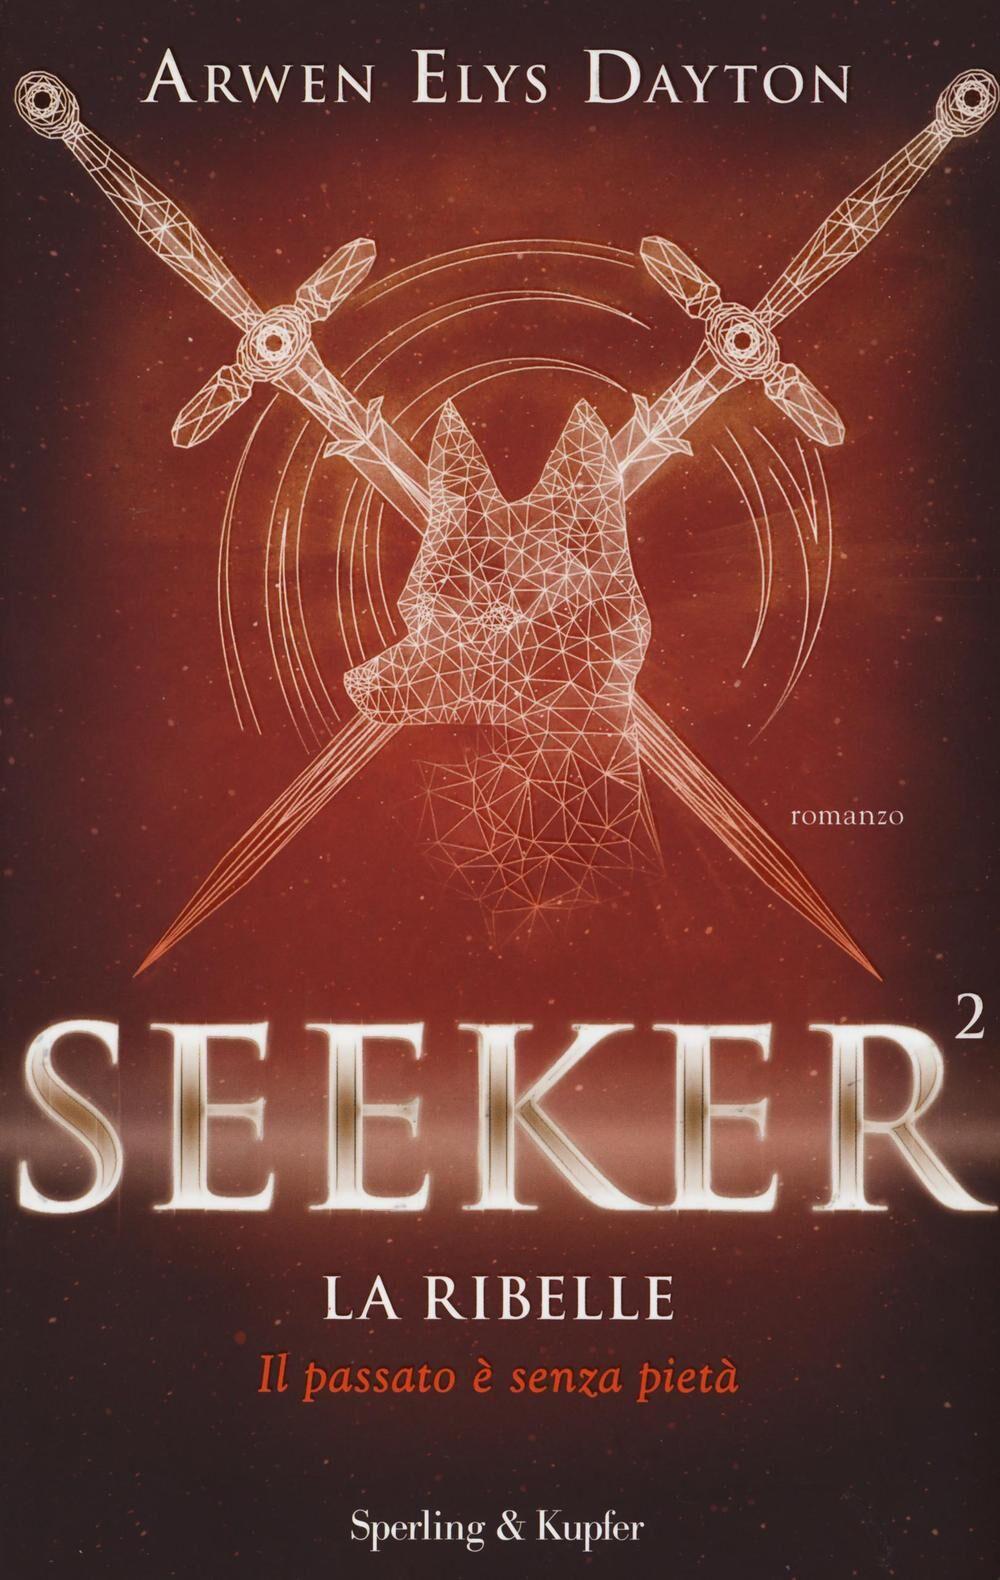 La ribelle. Seeker. Vol. 2